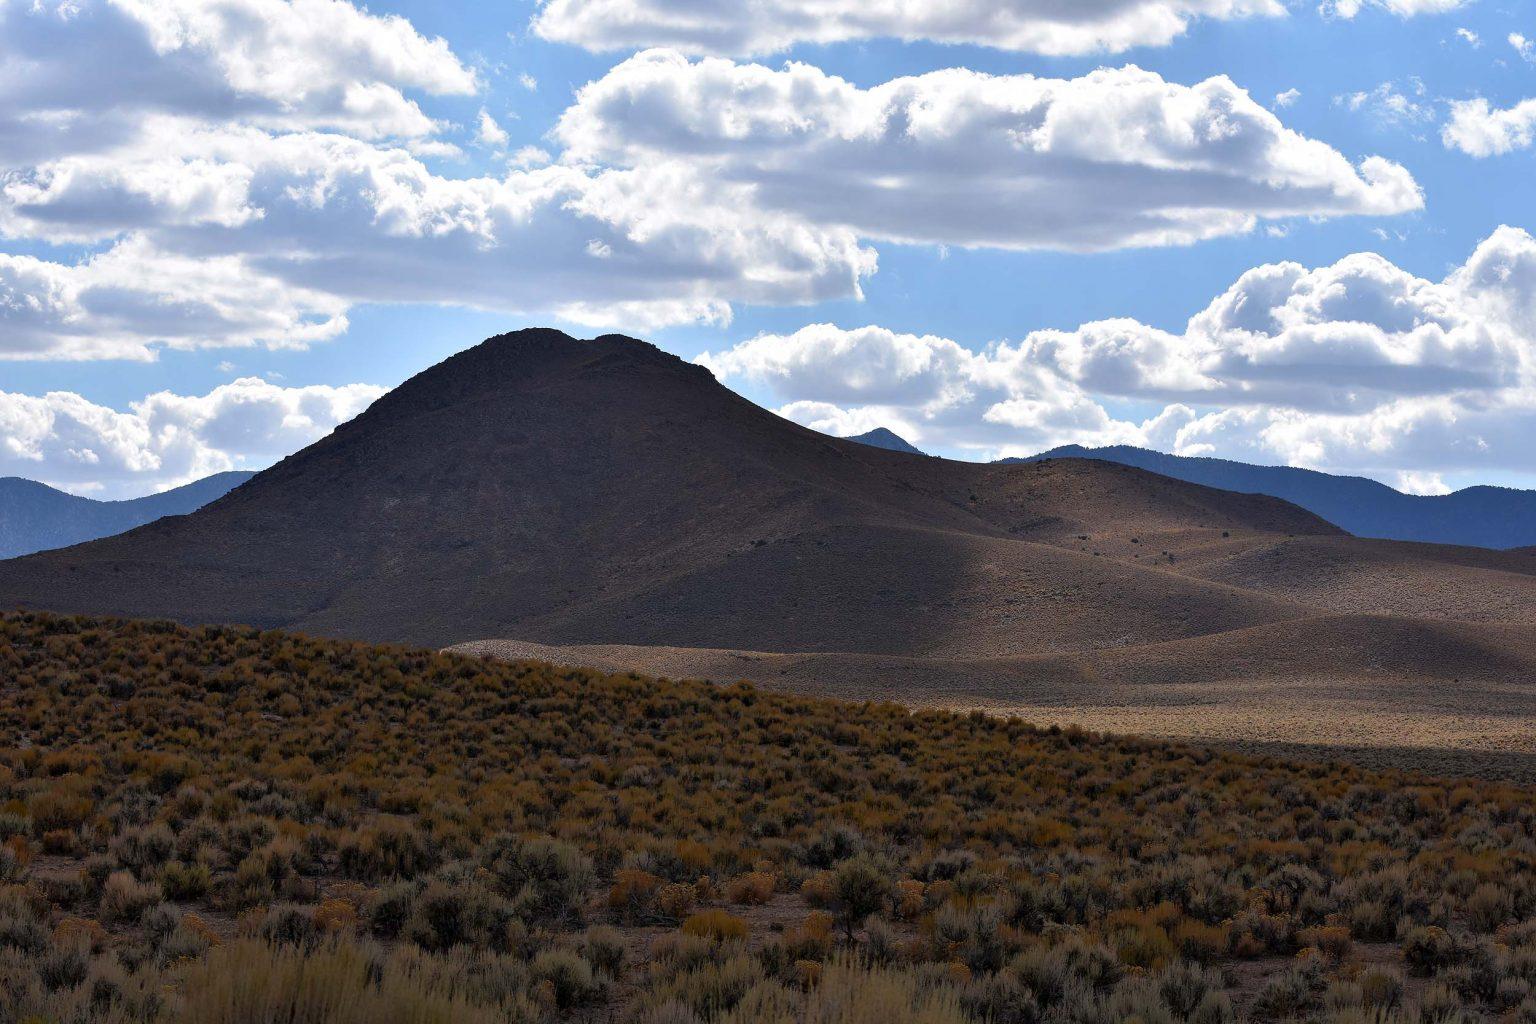 Hinter dem Hügel befindet sich Area 51